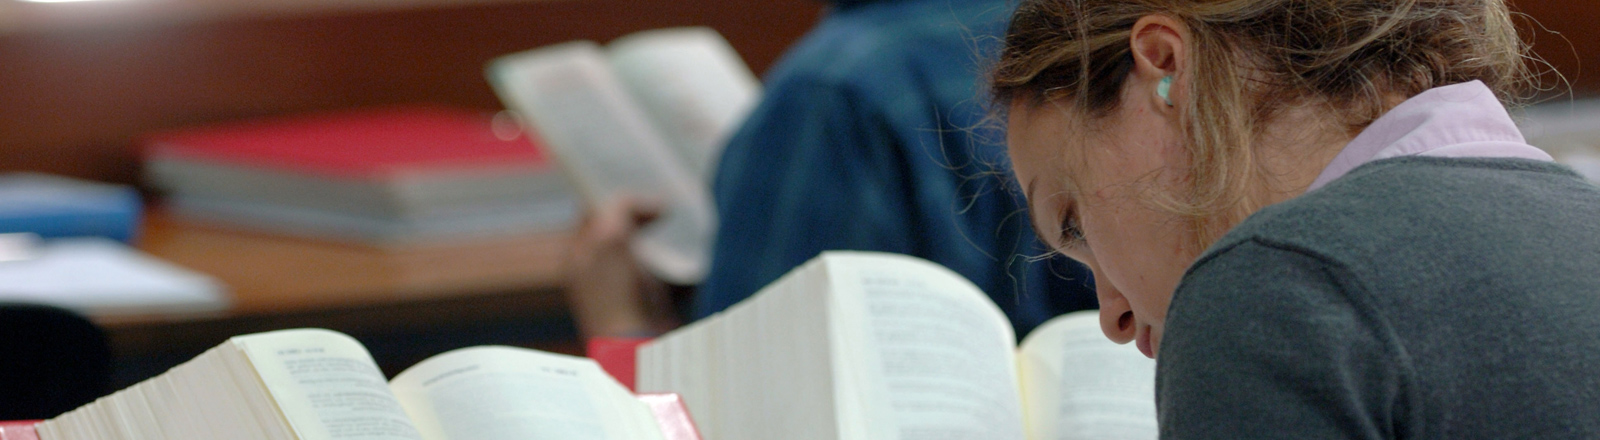 Eine Studentin sitzt mit Lehrbüchern in Lesesaal der Kölner Universitätsbibliothek.